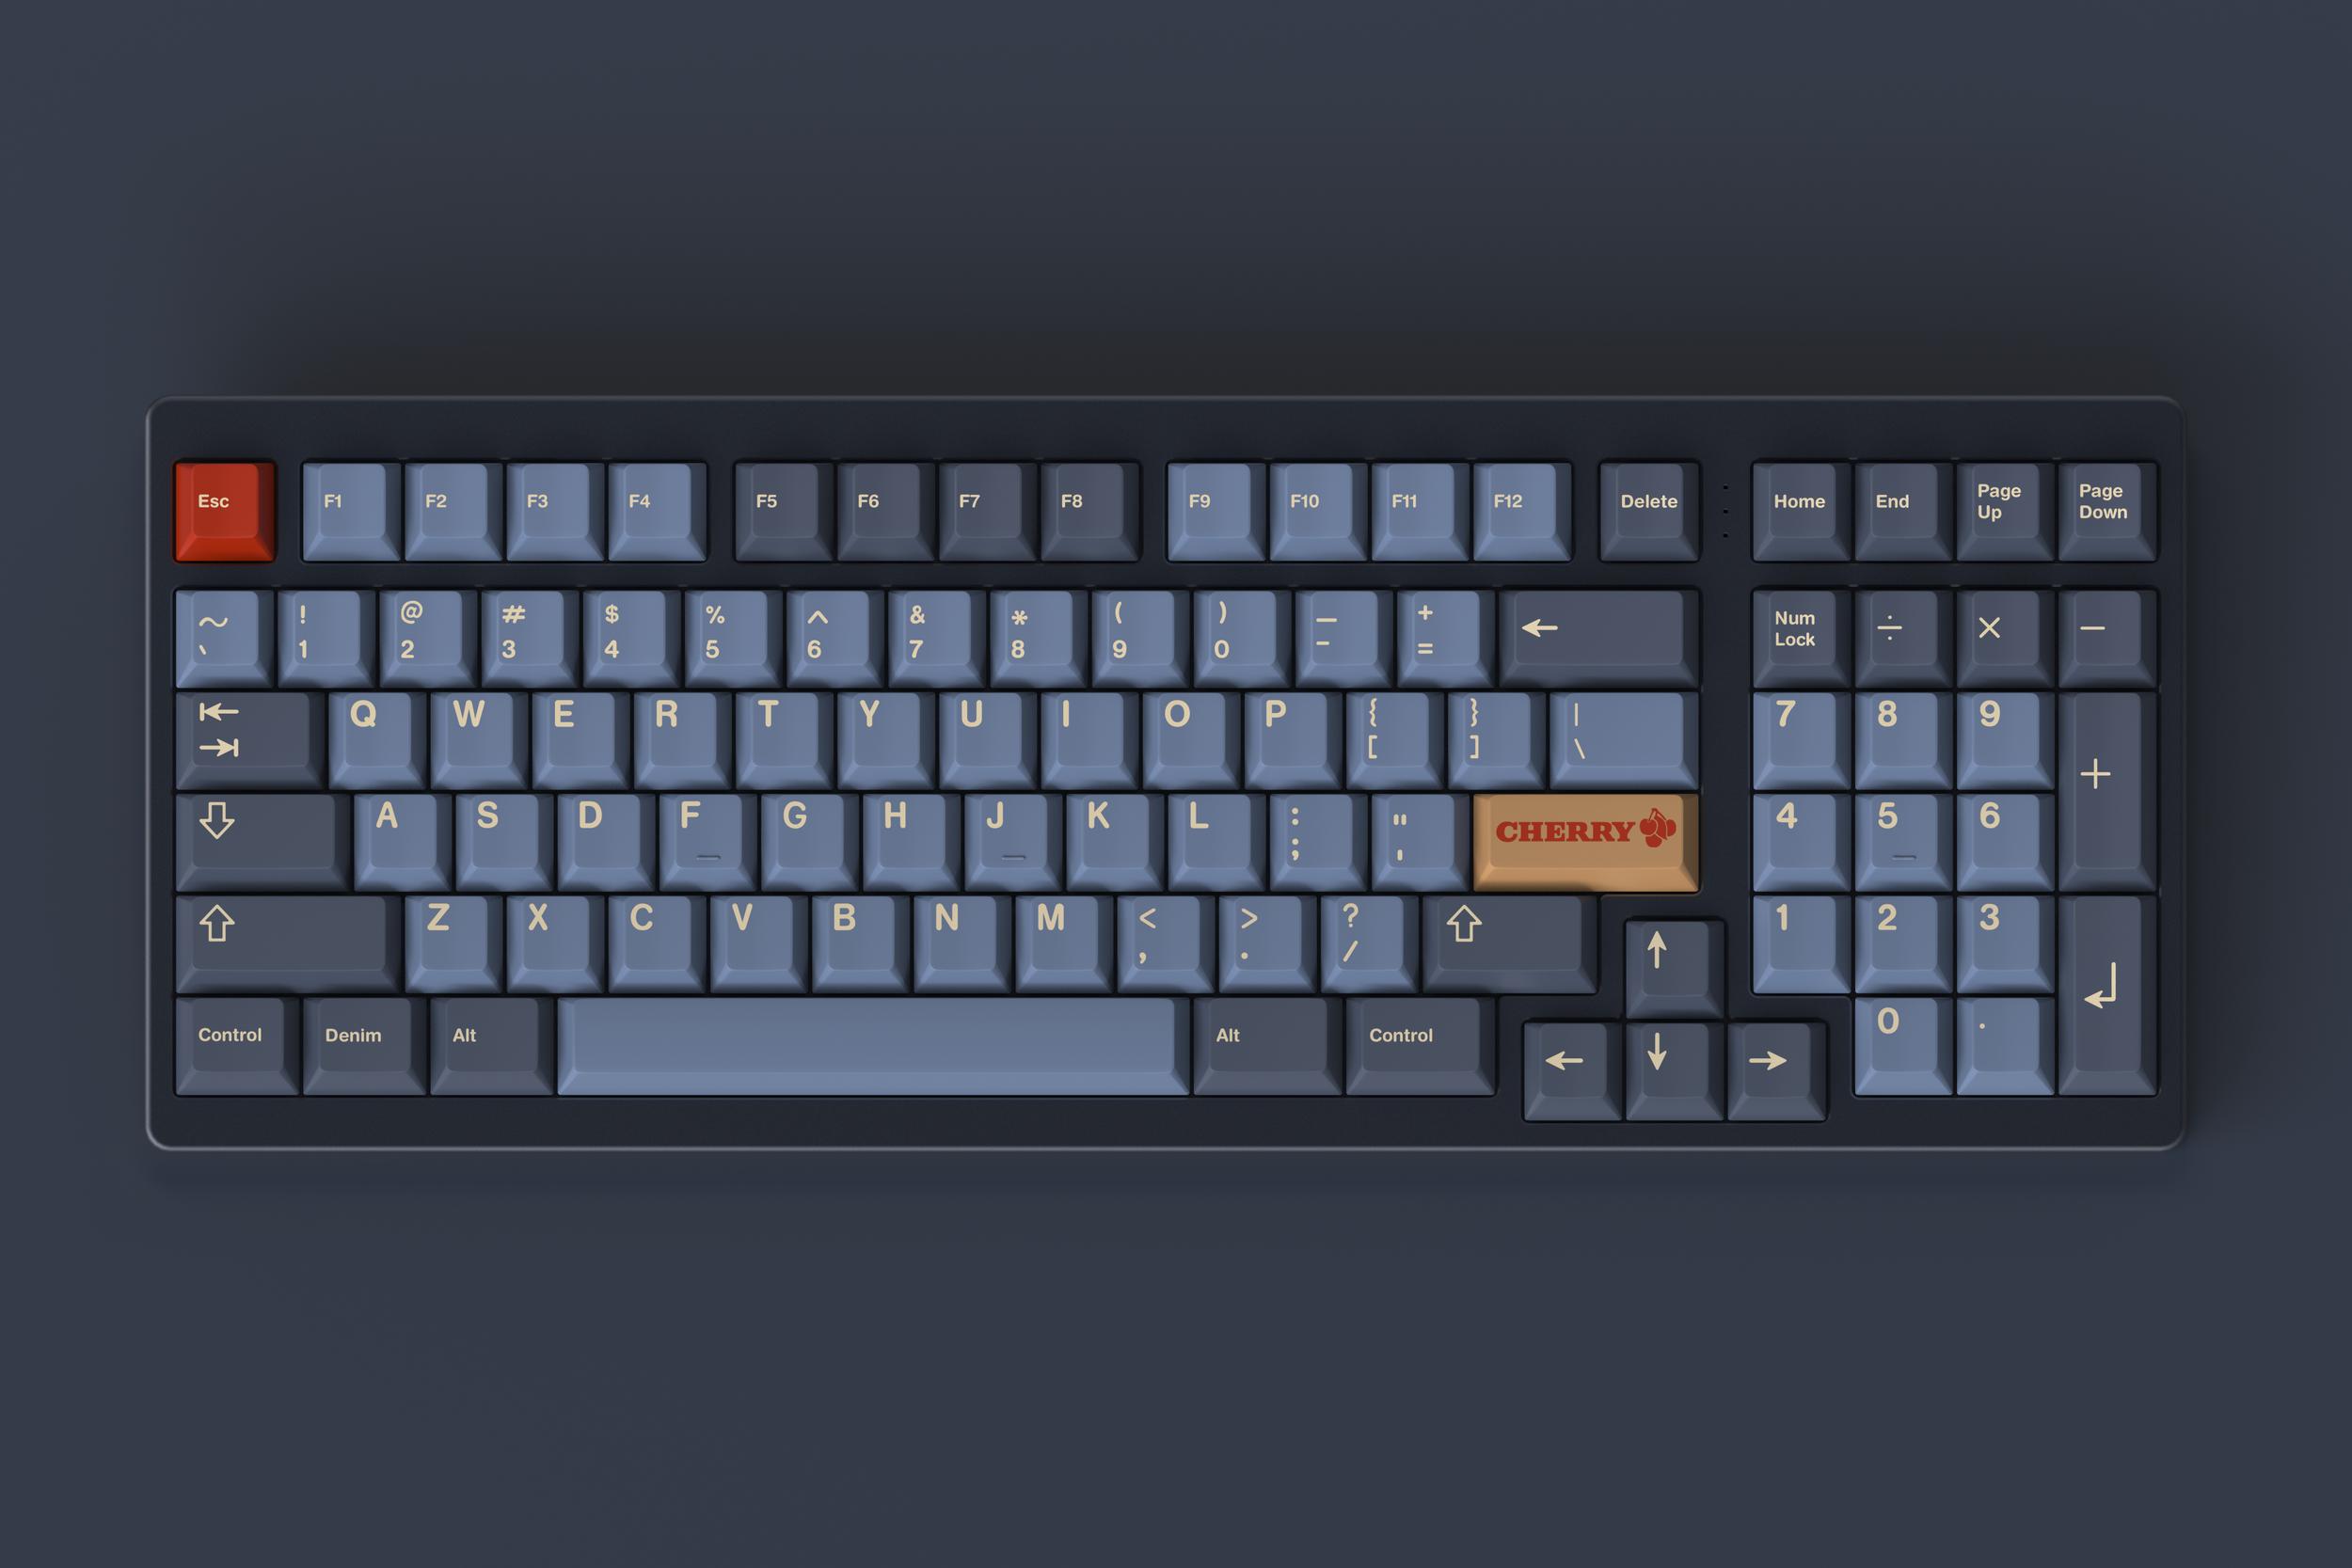 gmk_denim_keyboard_andromeda_persp_close.png